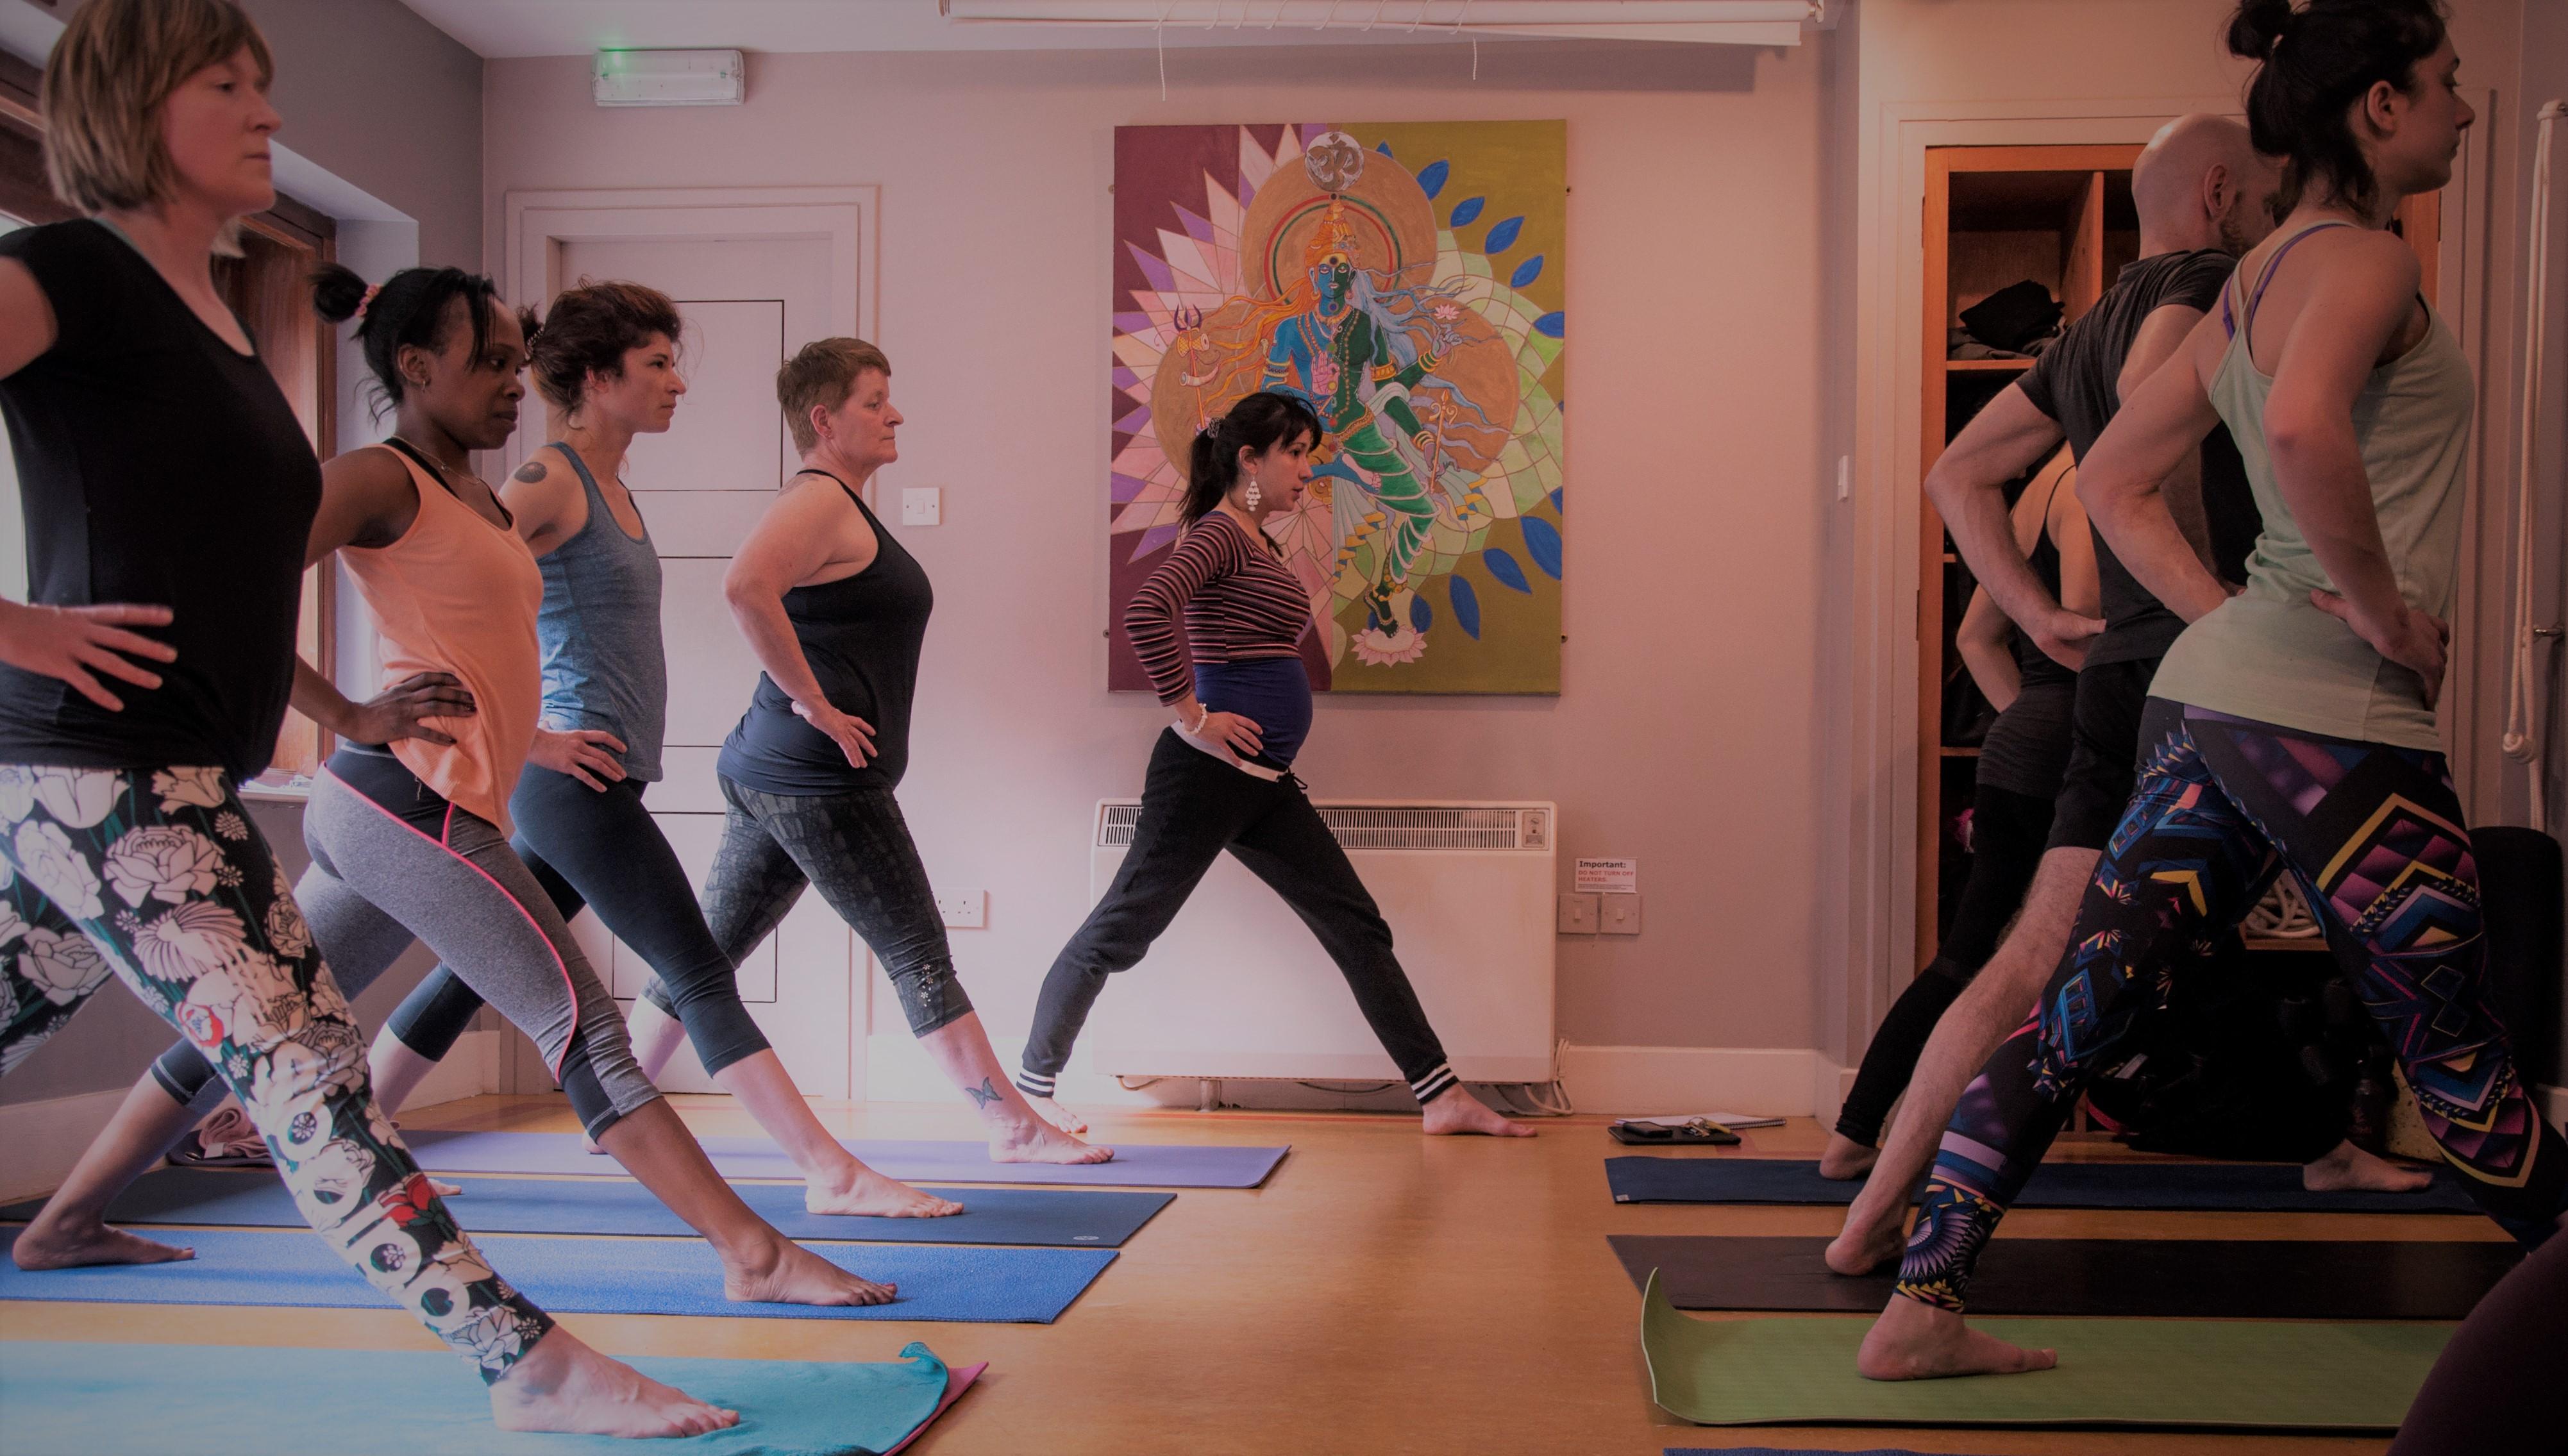 lady-yoga-teacher